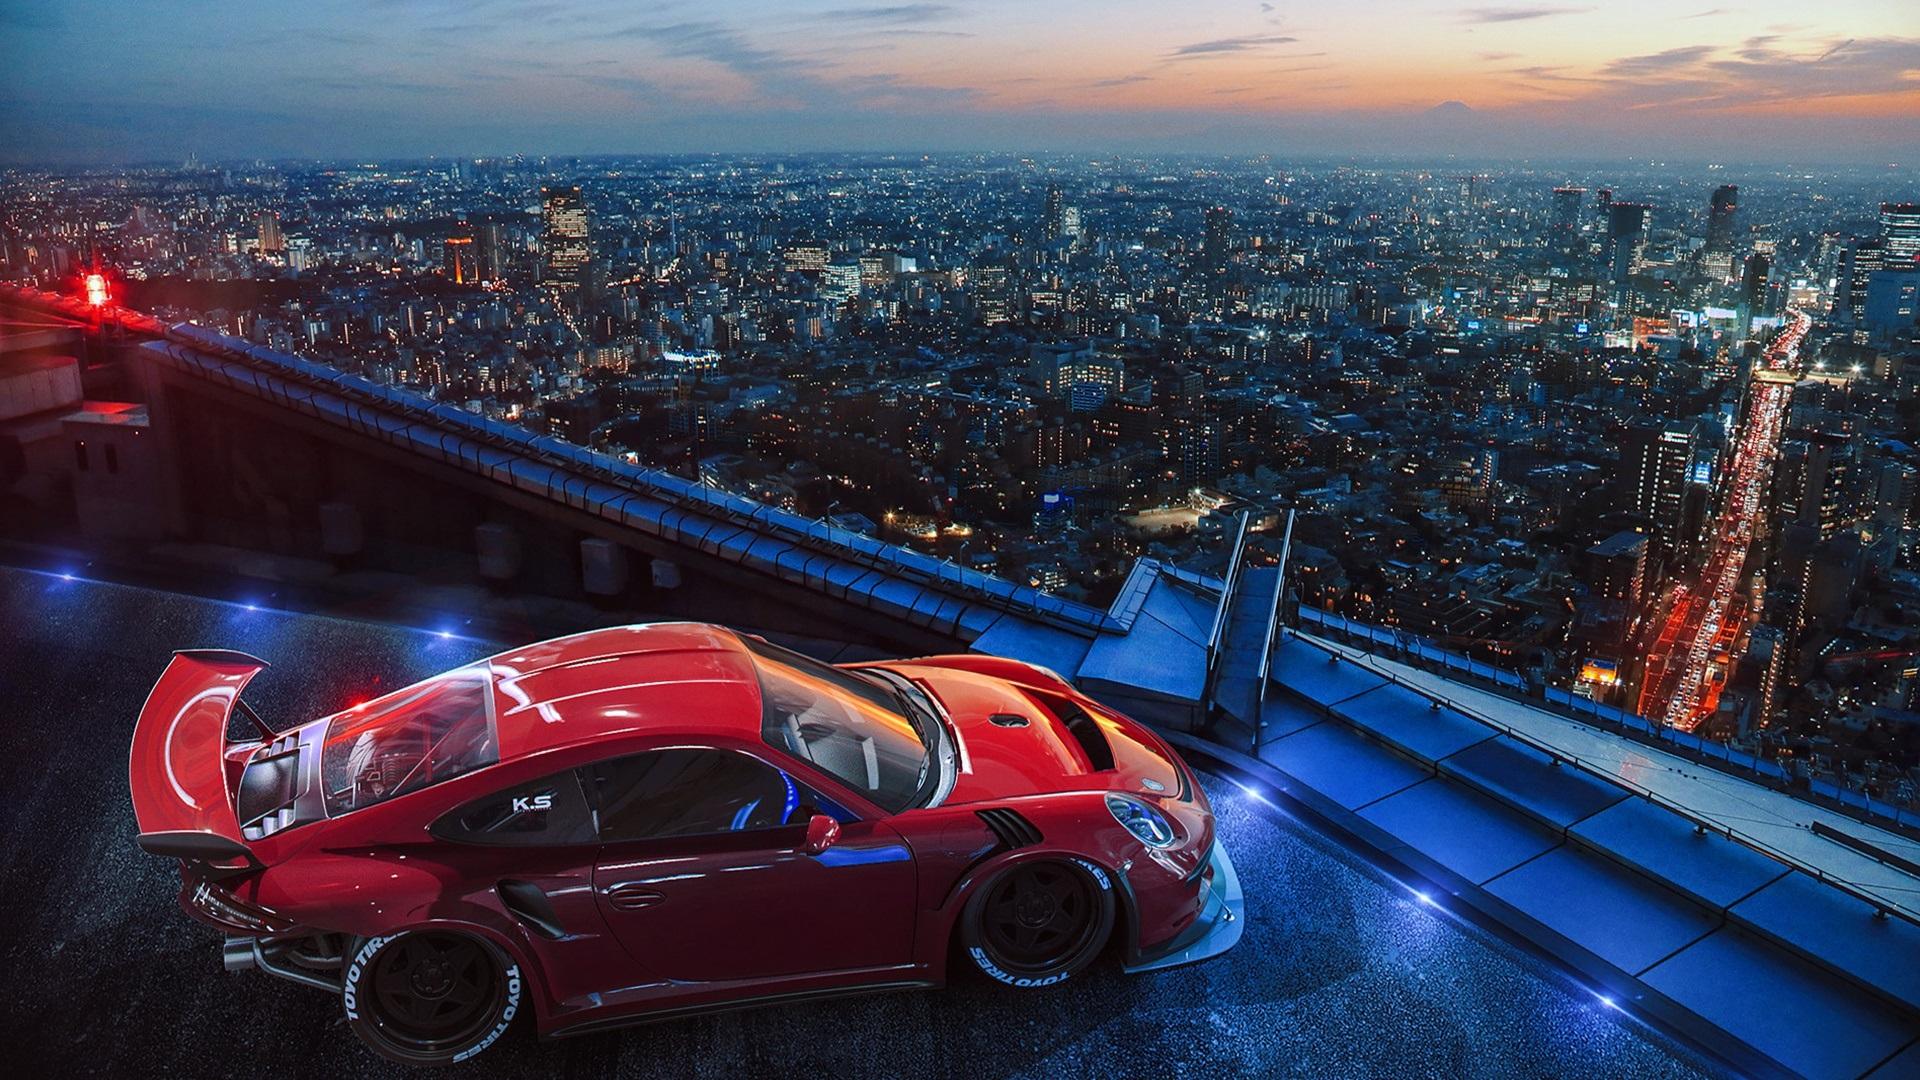 Fonds D 233 Cran Porsche Sport Voiture Toit Ville 1920x1080